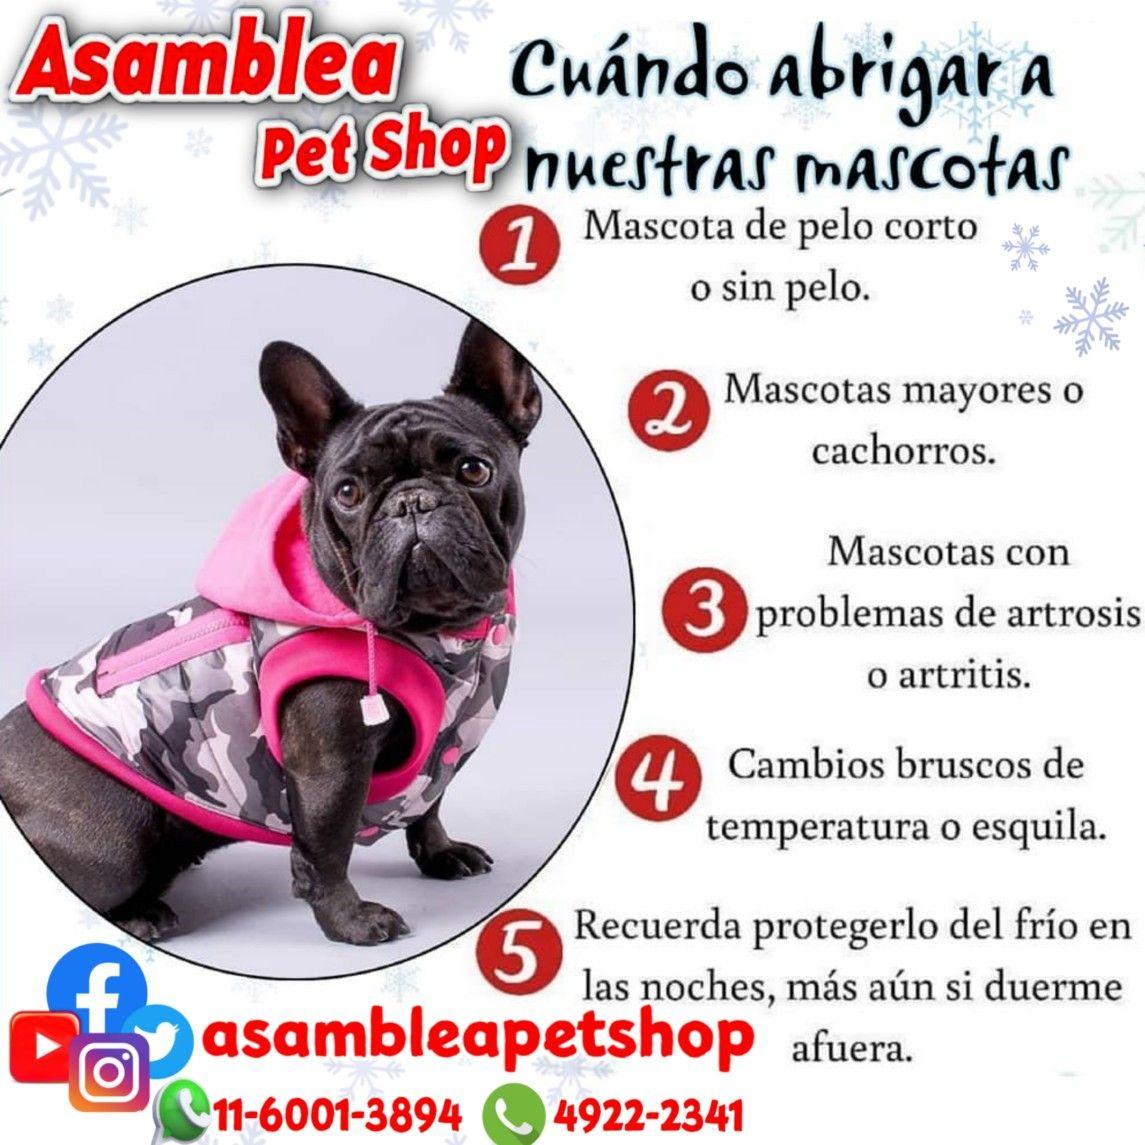 La Piel Es El Protector Natural Del Perro Frente A Agentes Externos Por Eso Es Importante Cuidar Su Salud Para Que E Articulos Para Mascotas Mascotas Cachorros